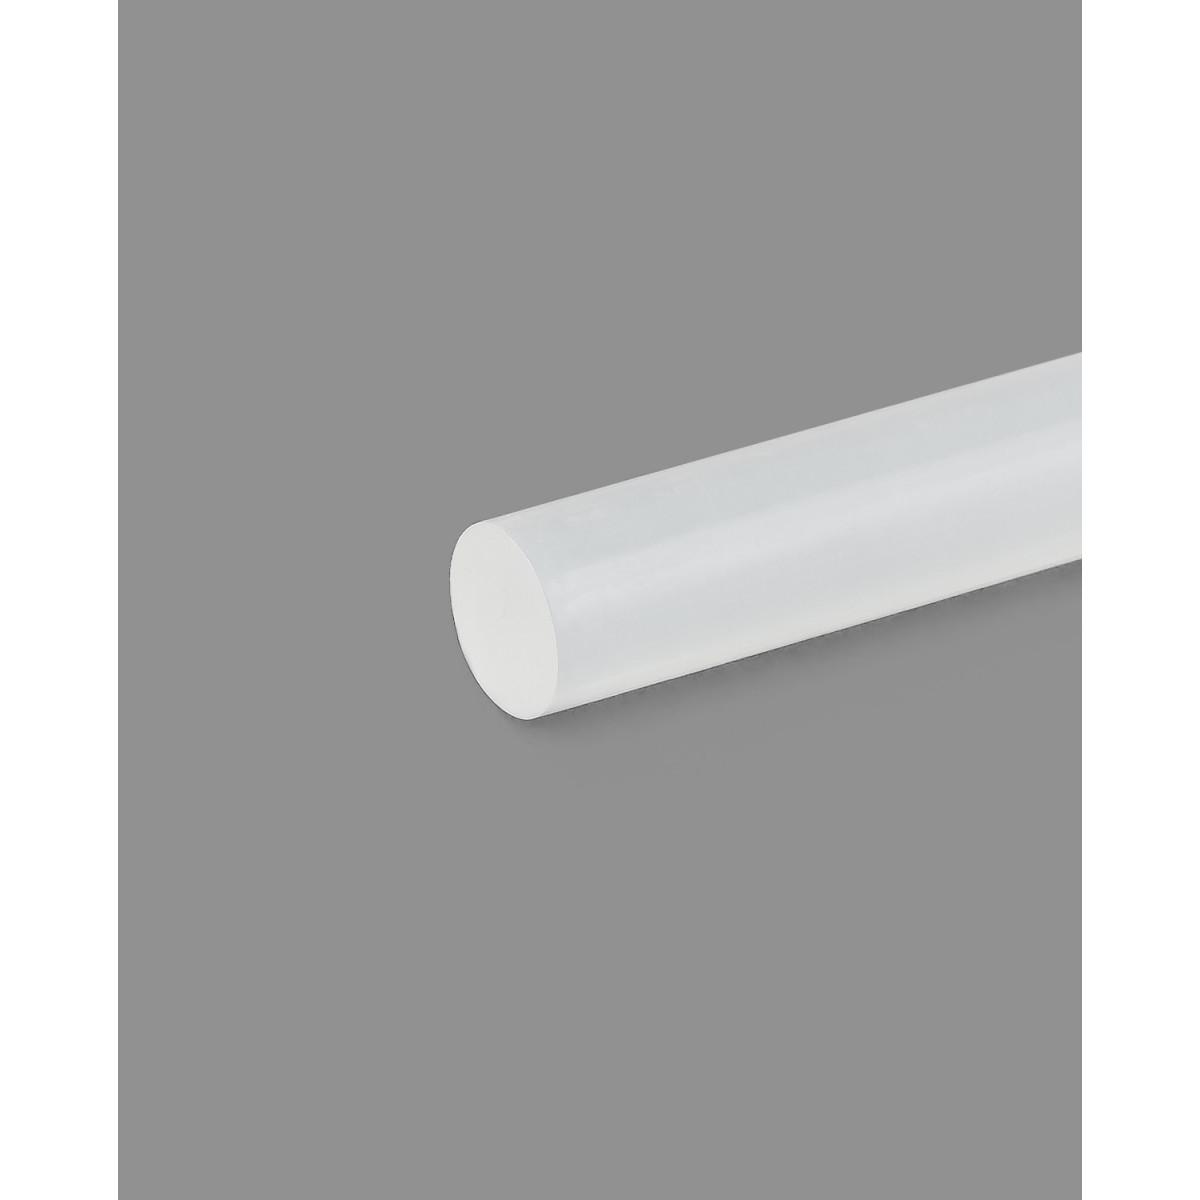 Клей для пистолета большой прозрачный (арт. КЛЕ-41-1-30744)